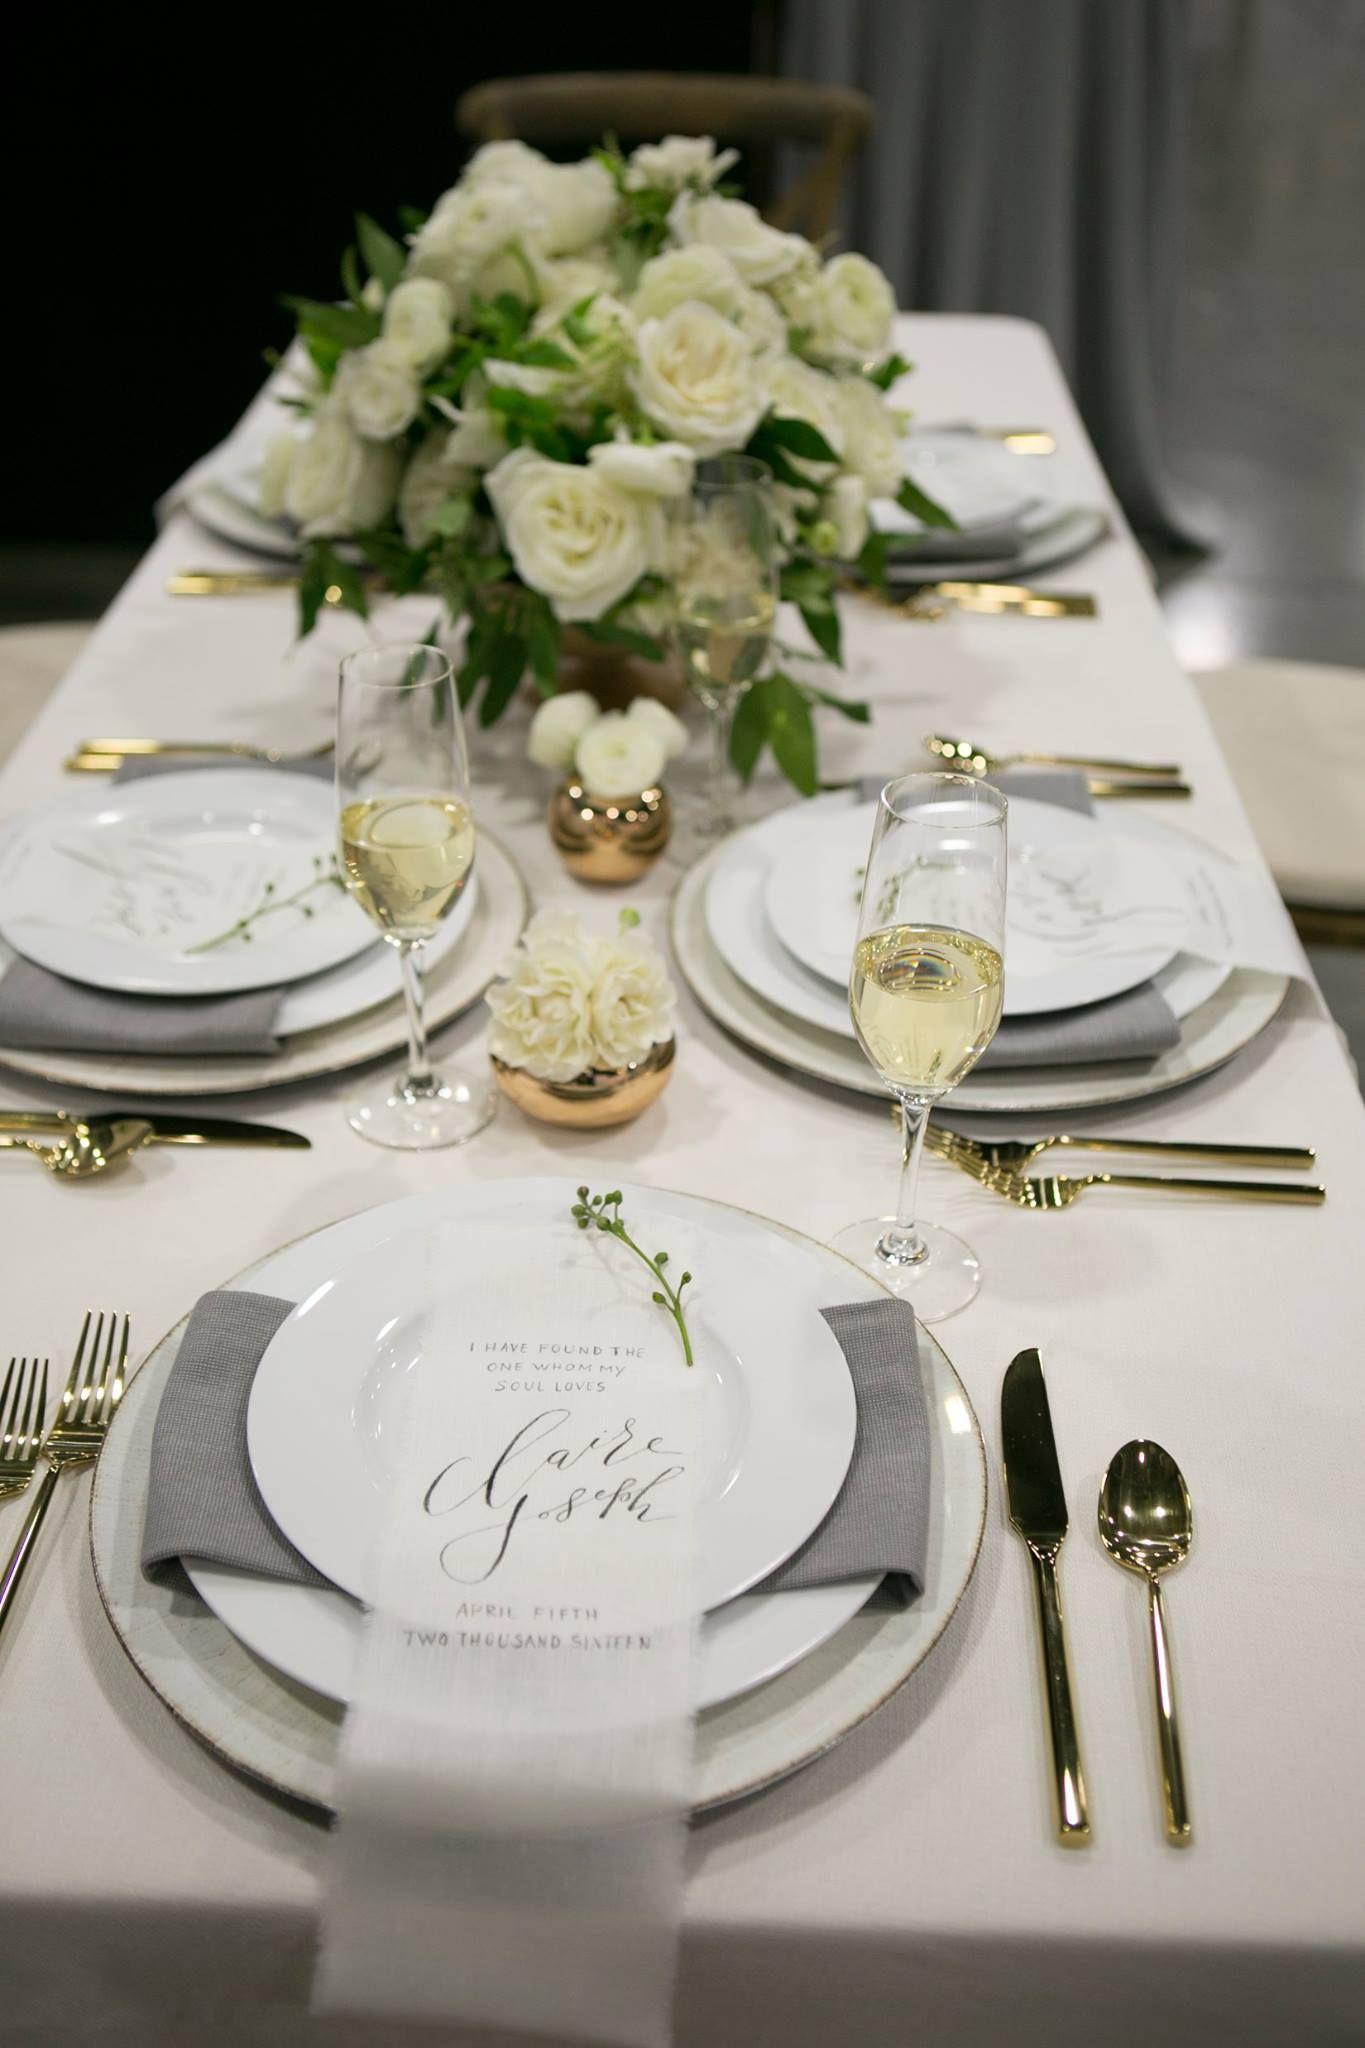 Elegant White Table Setting By Stem Floral Design Wedding Dinner